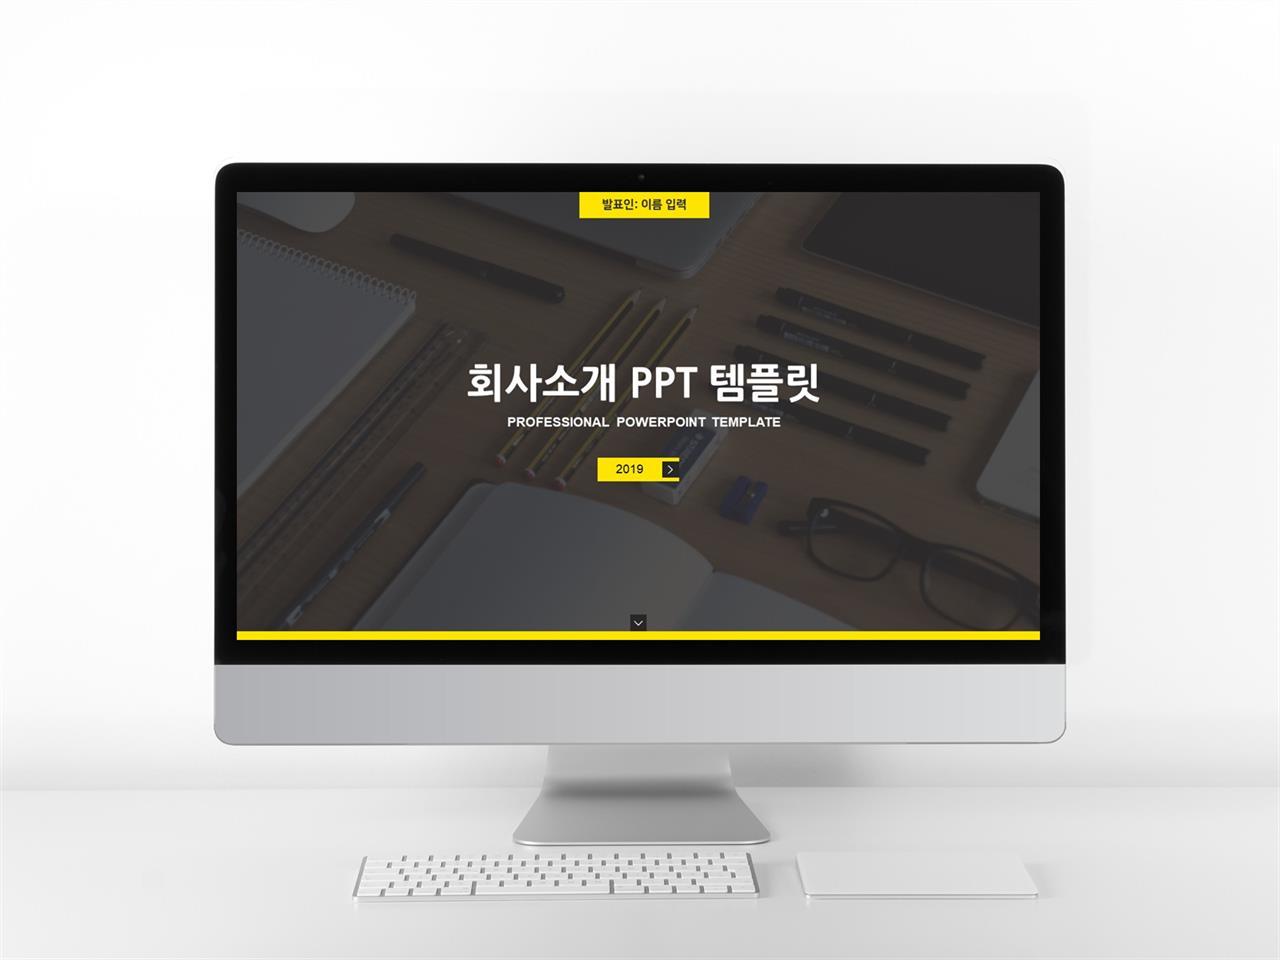 회사홍보 검정색 폼나는 고급형 POWERPOINT샘플 디자인 미리보기